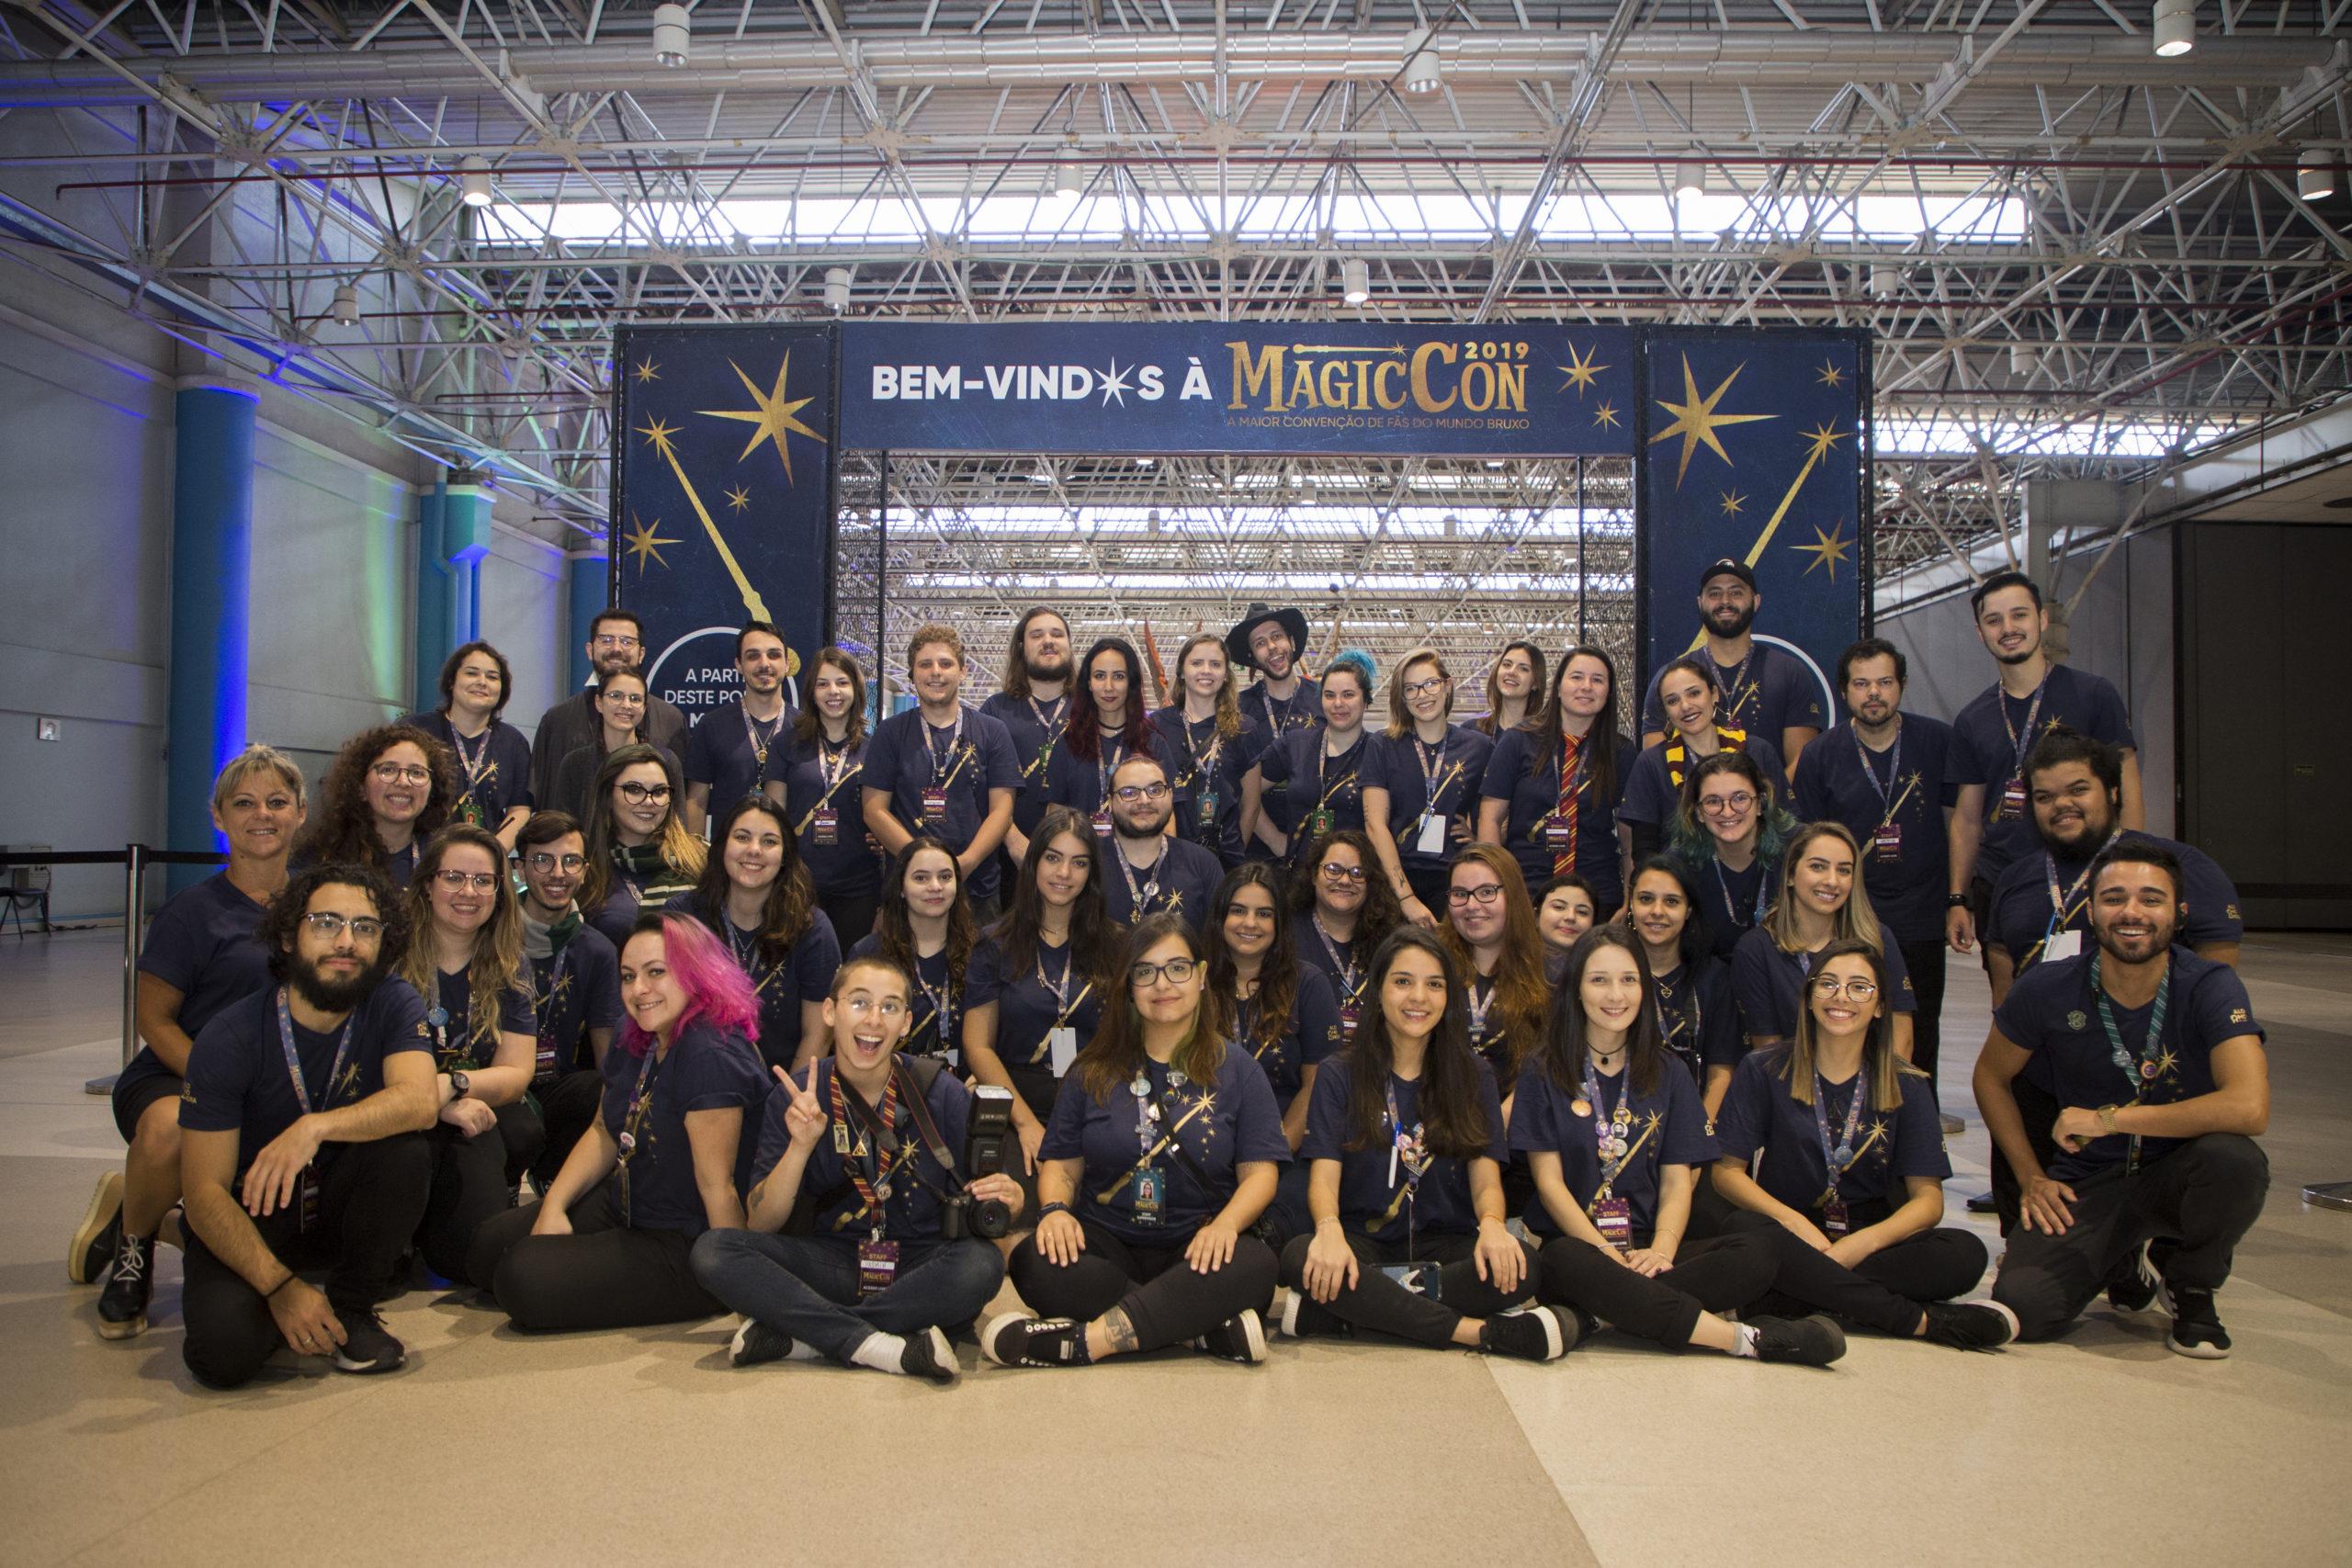 Equipe de organização da MagicCon 2019